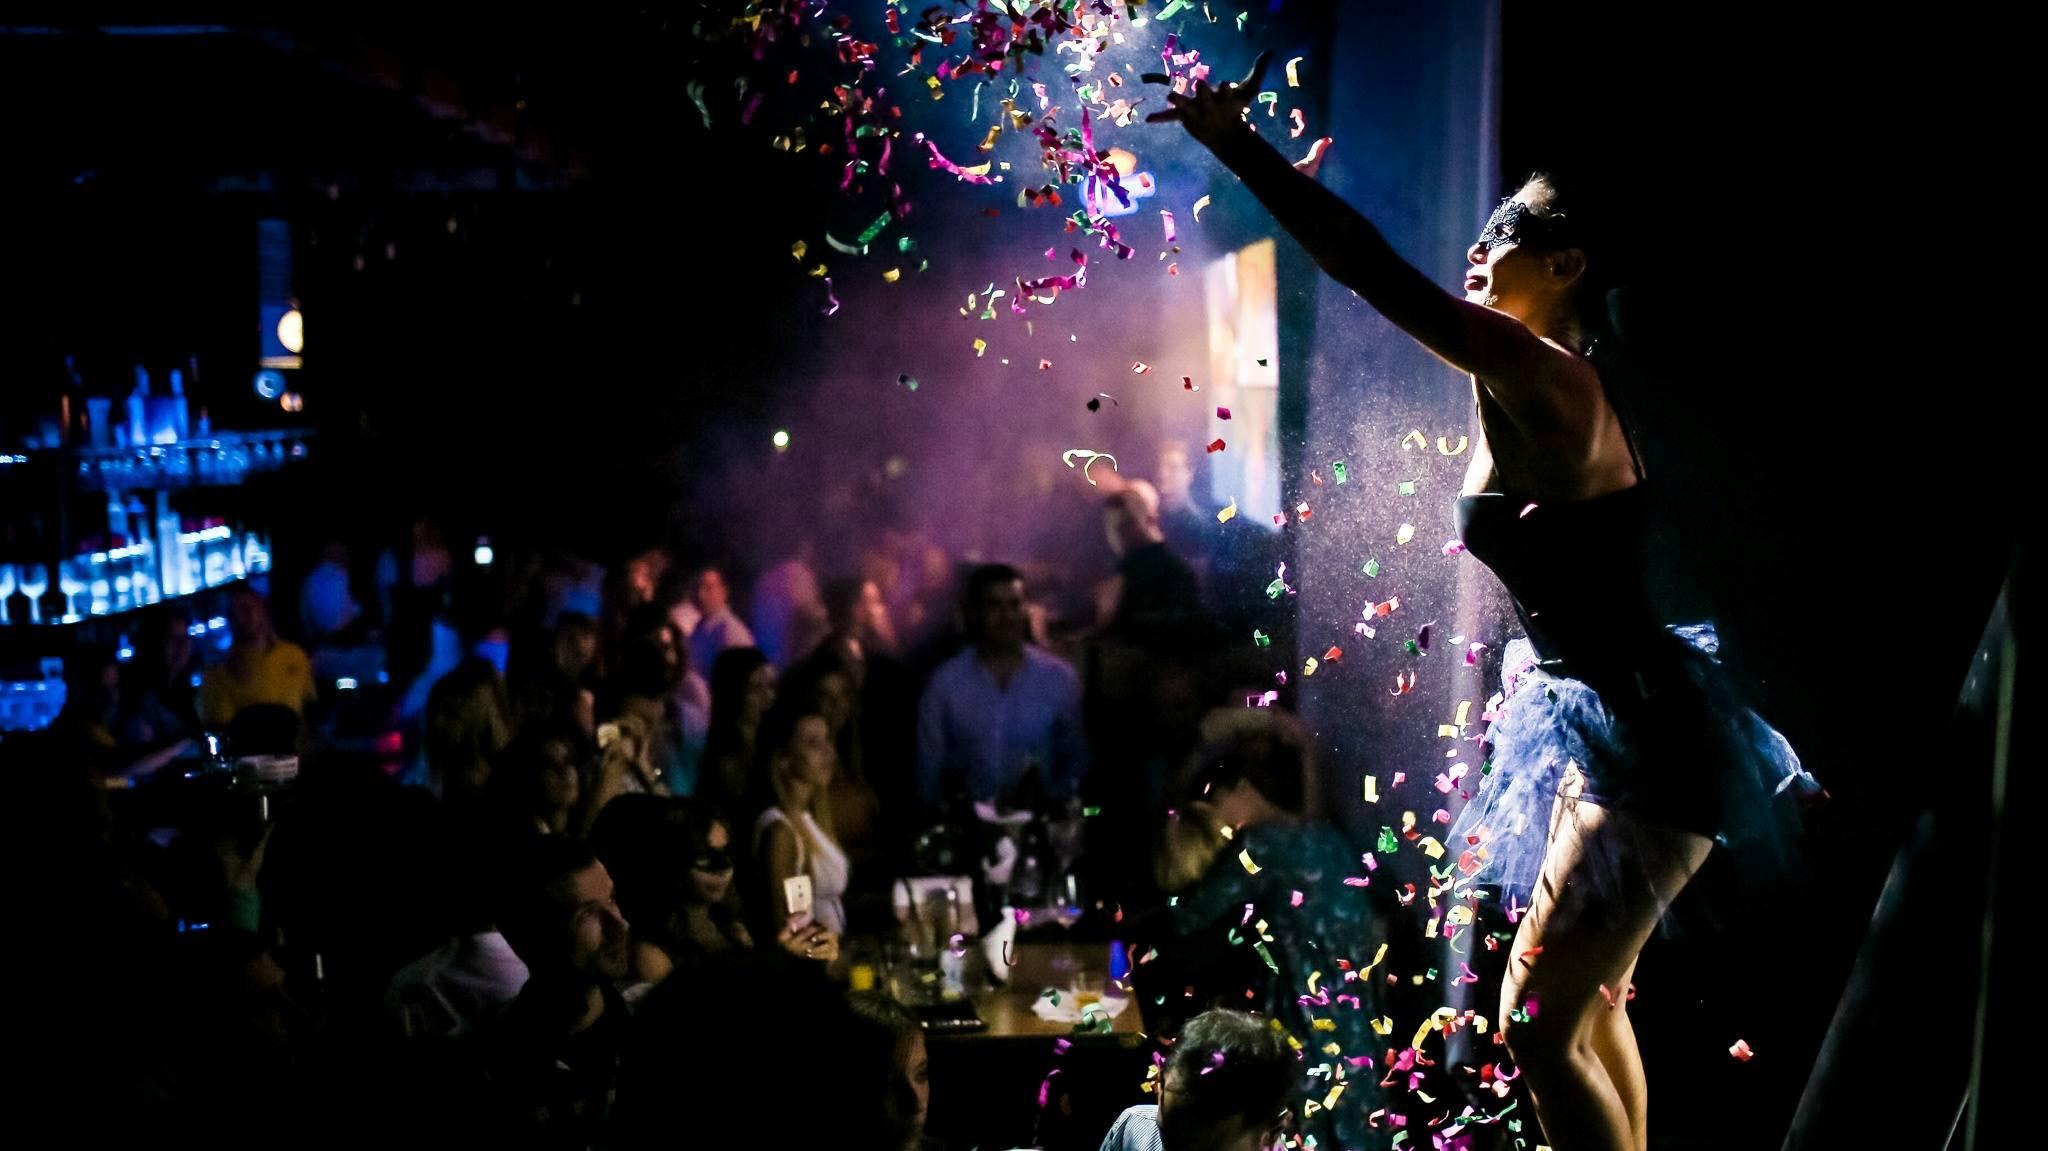 R'n'B Wednesdays at club Shake 'n' Shake 3